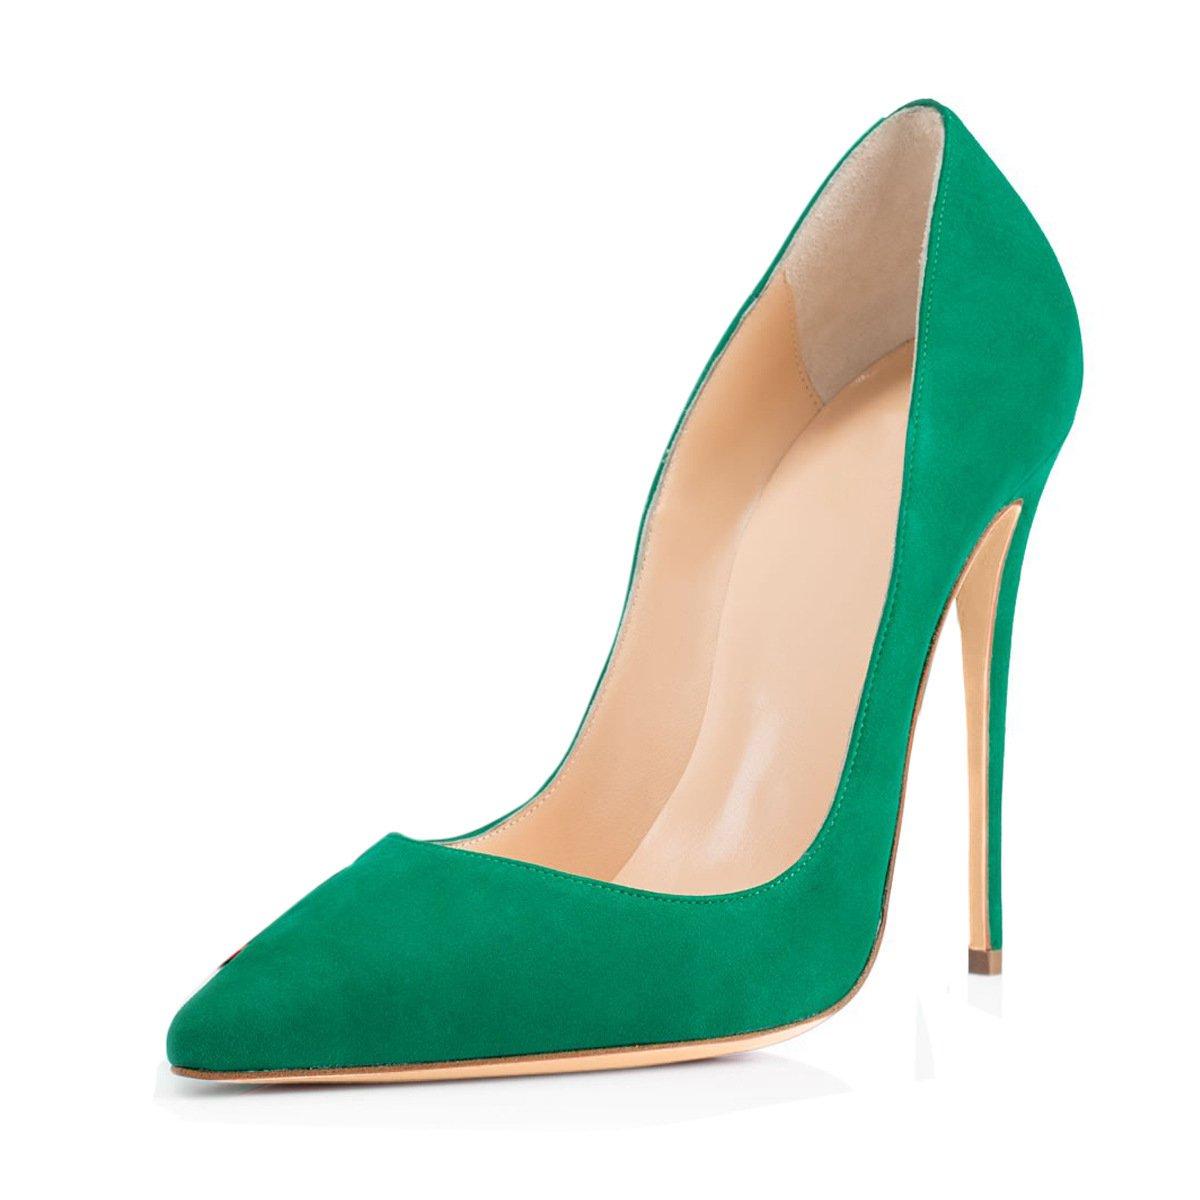 DYF Damenschuhe Soild Farbe Größe Scharfe High Heel Flache Mund Grün 36